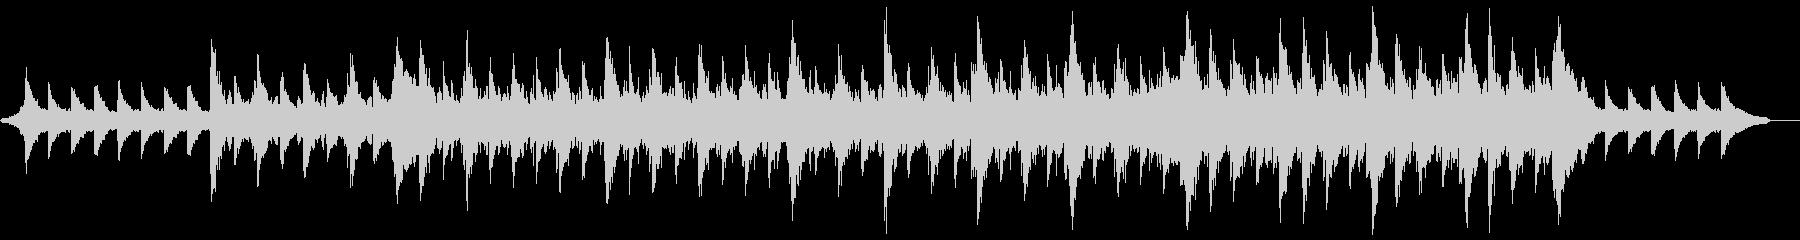 ポジティブポップオーケストラ:ピアノと弦の未再生の波形